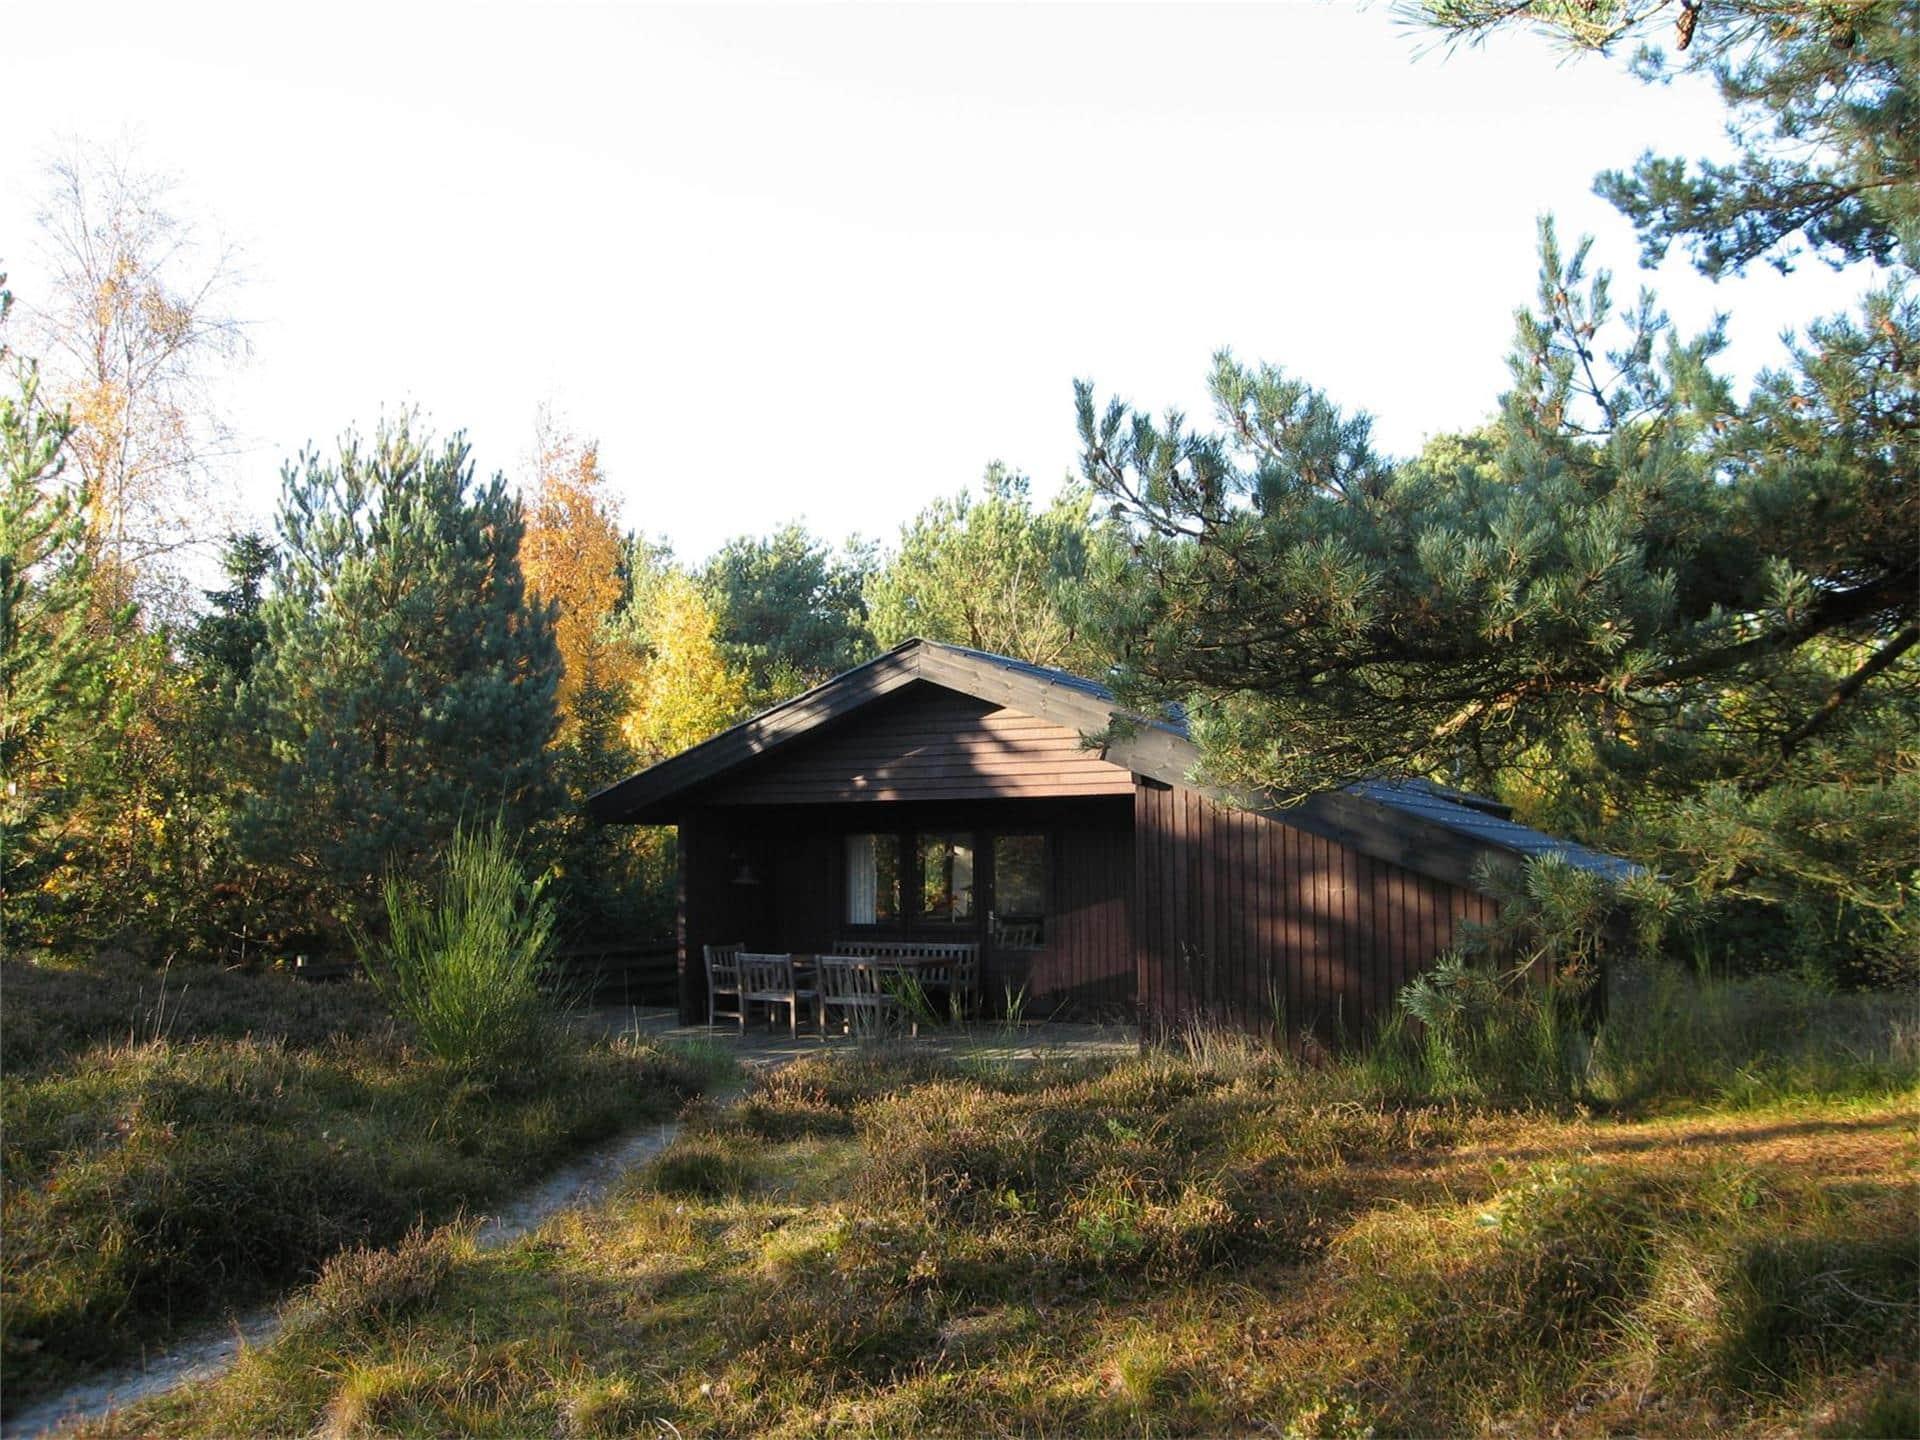 Bilde 1-17 Feirehus 13385, Lysholmparken 28, DK - 4573 Højby